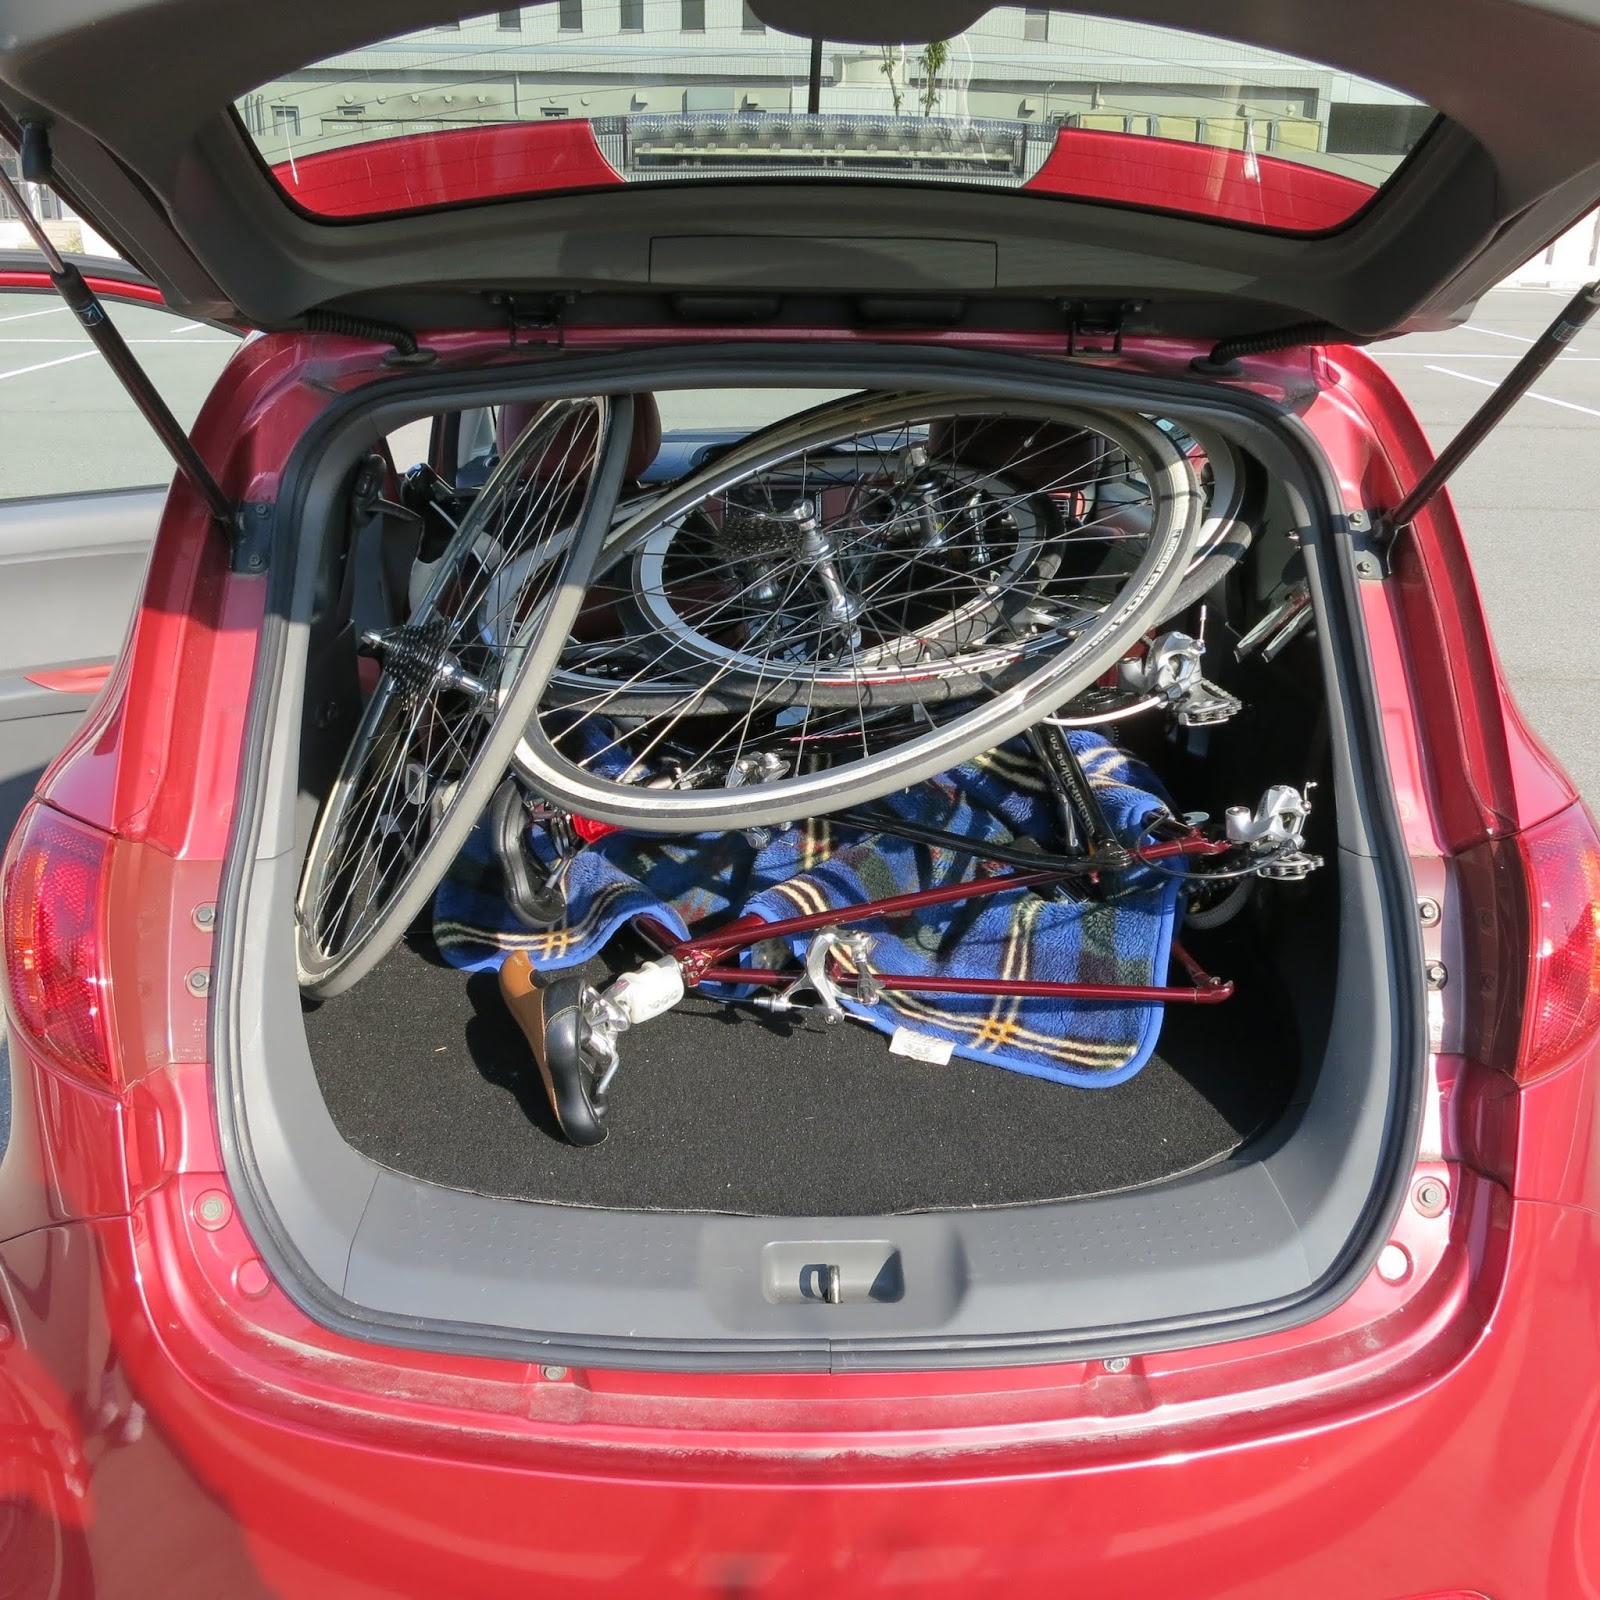 自転車の 小さい自転車 大人 : これに自転車2台と大人2人を ...